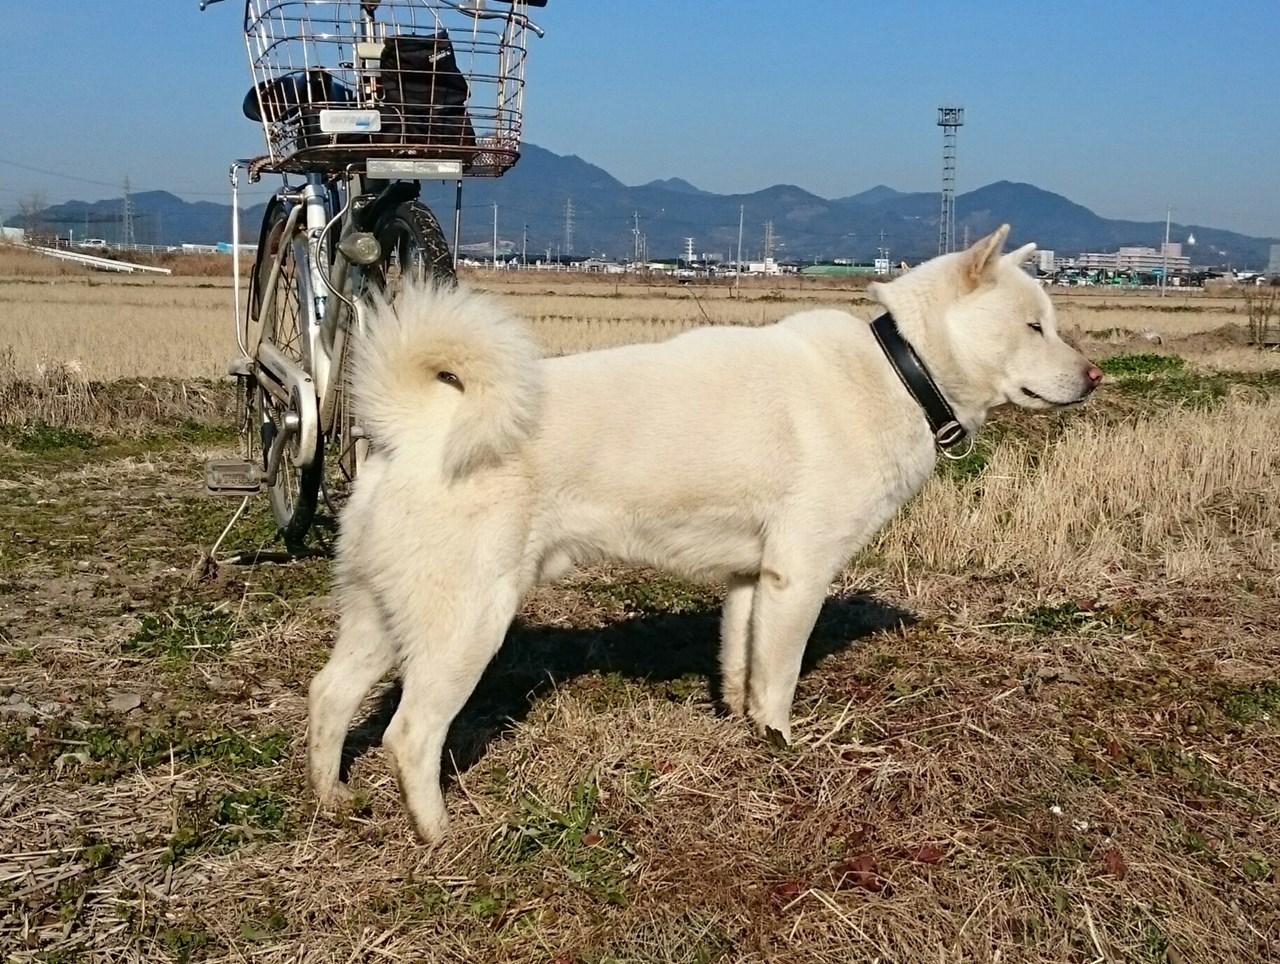 子犬の兄犬にあたる政宗(白毛/オス 熊本在住)。政宗は北海道犬協会の展覧会で優秀な成績を残しています。